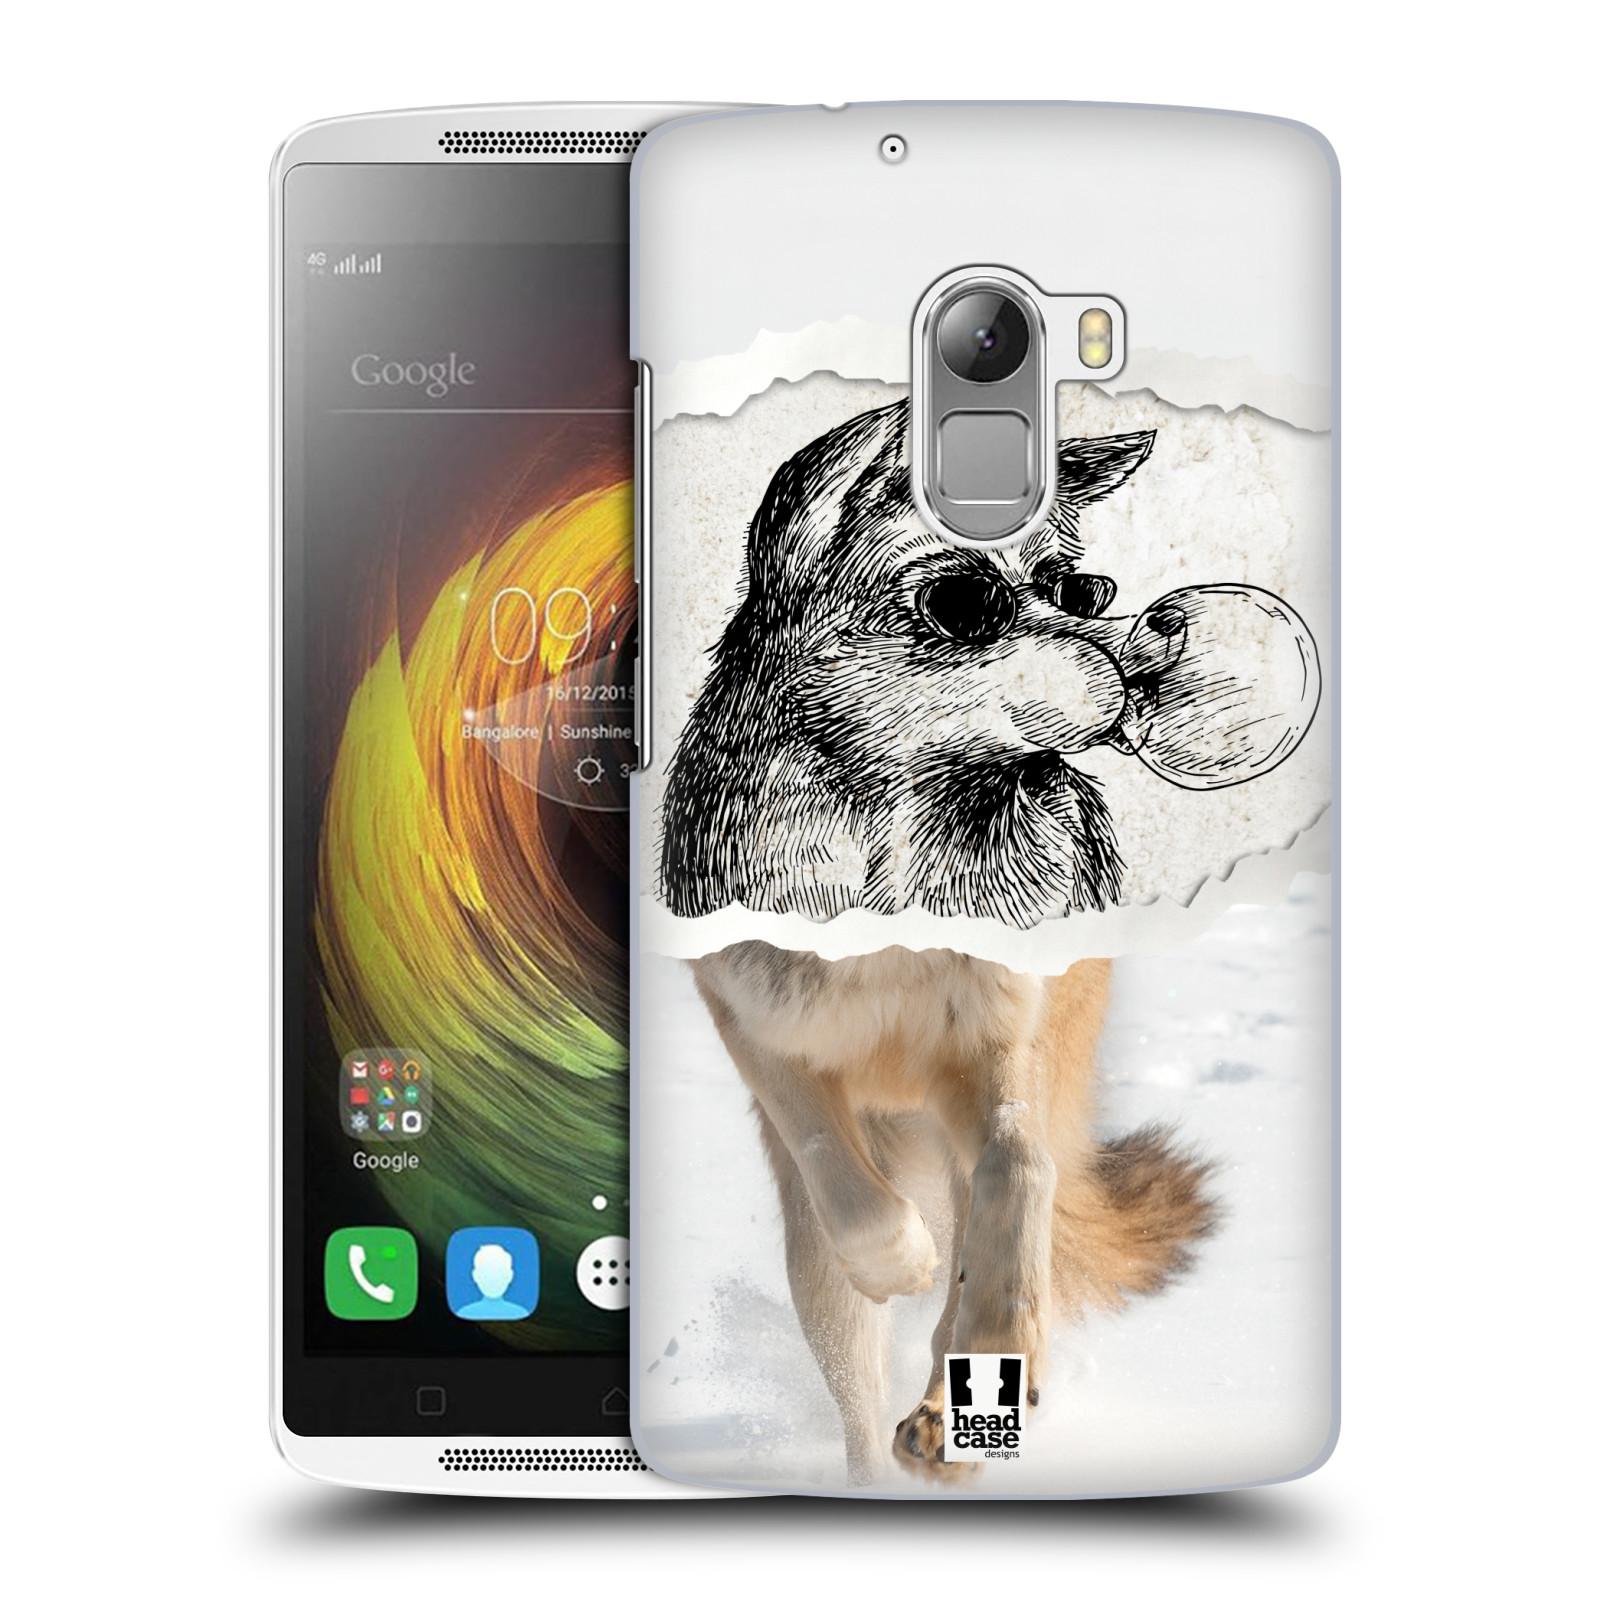 HEAD CASE pevný plastový obal na mobil LENOVO A7010 / A7010 DUAL / K4 Note / Vibe X3 lite vzor zvířata koláž vlk pohodář